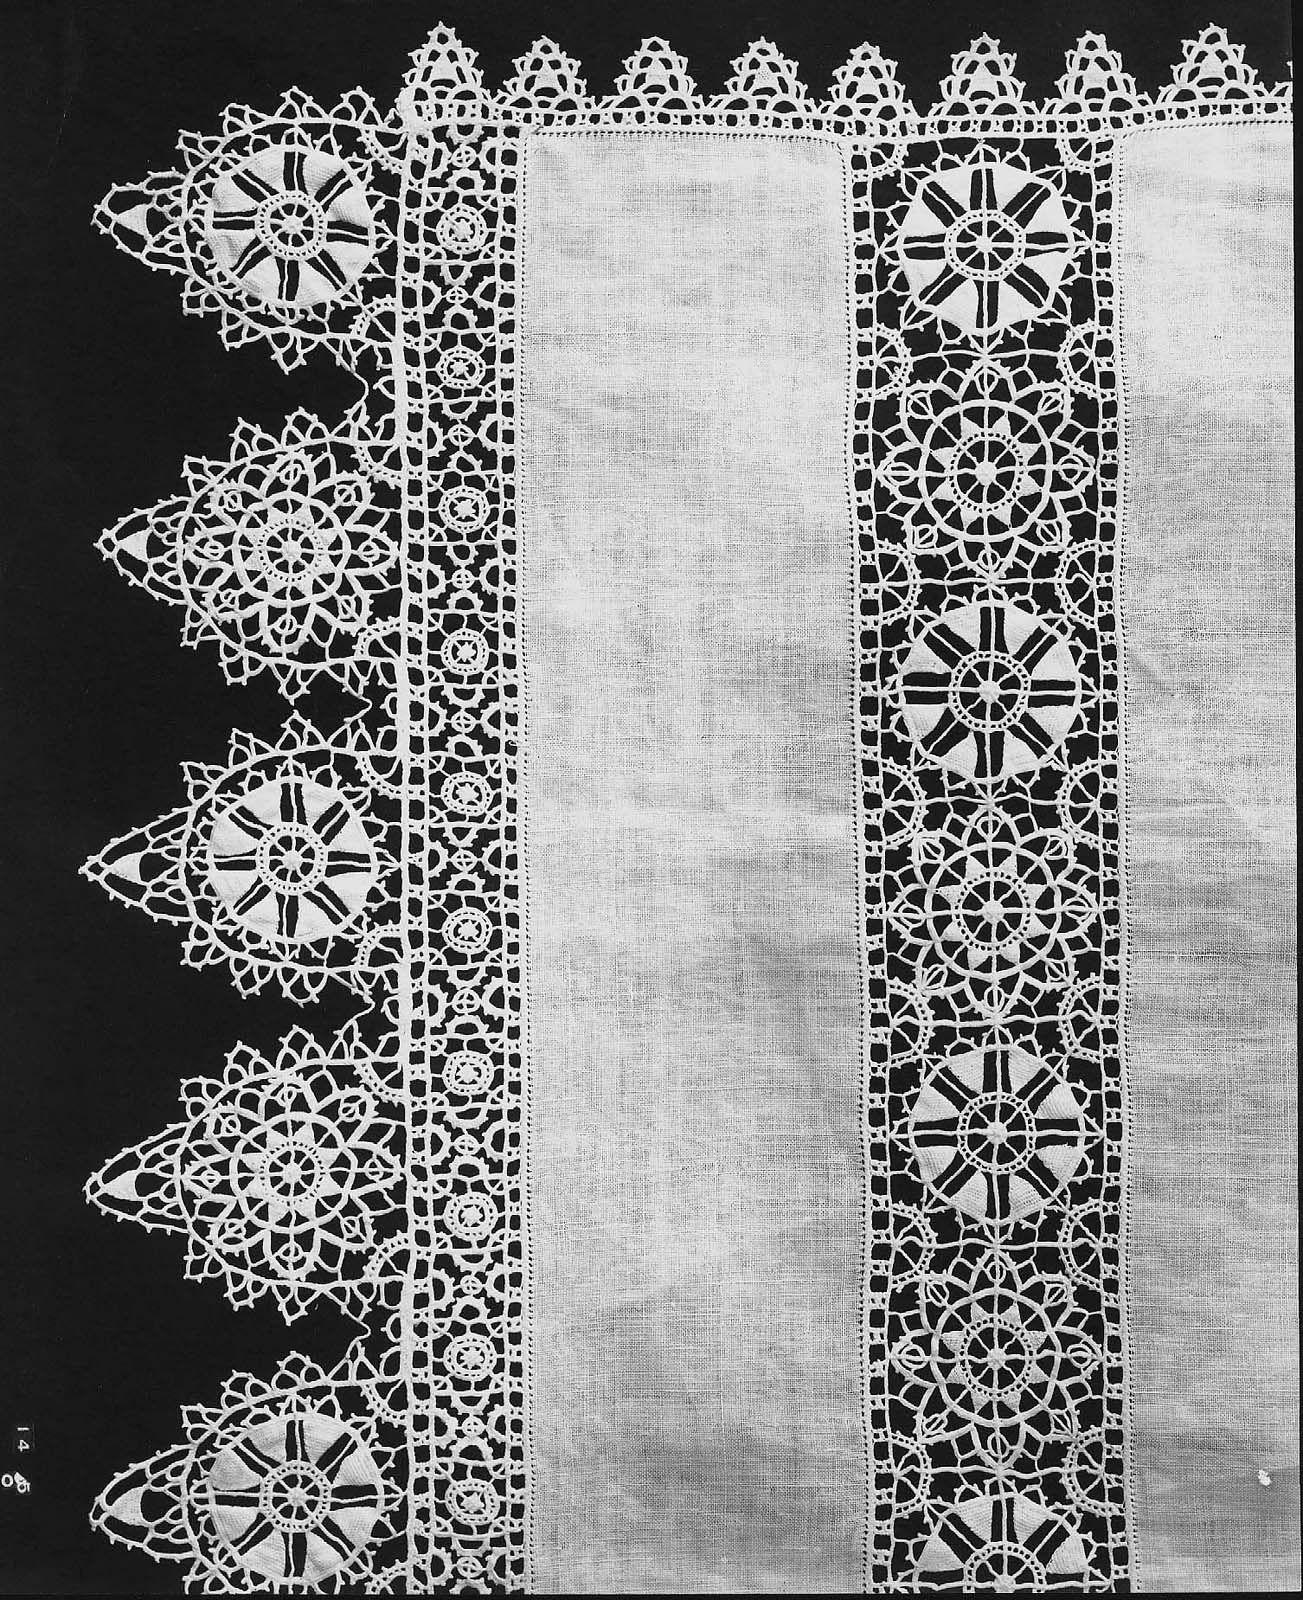 Boston reticellao lace towel italian th century design